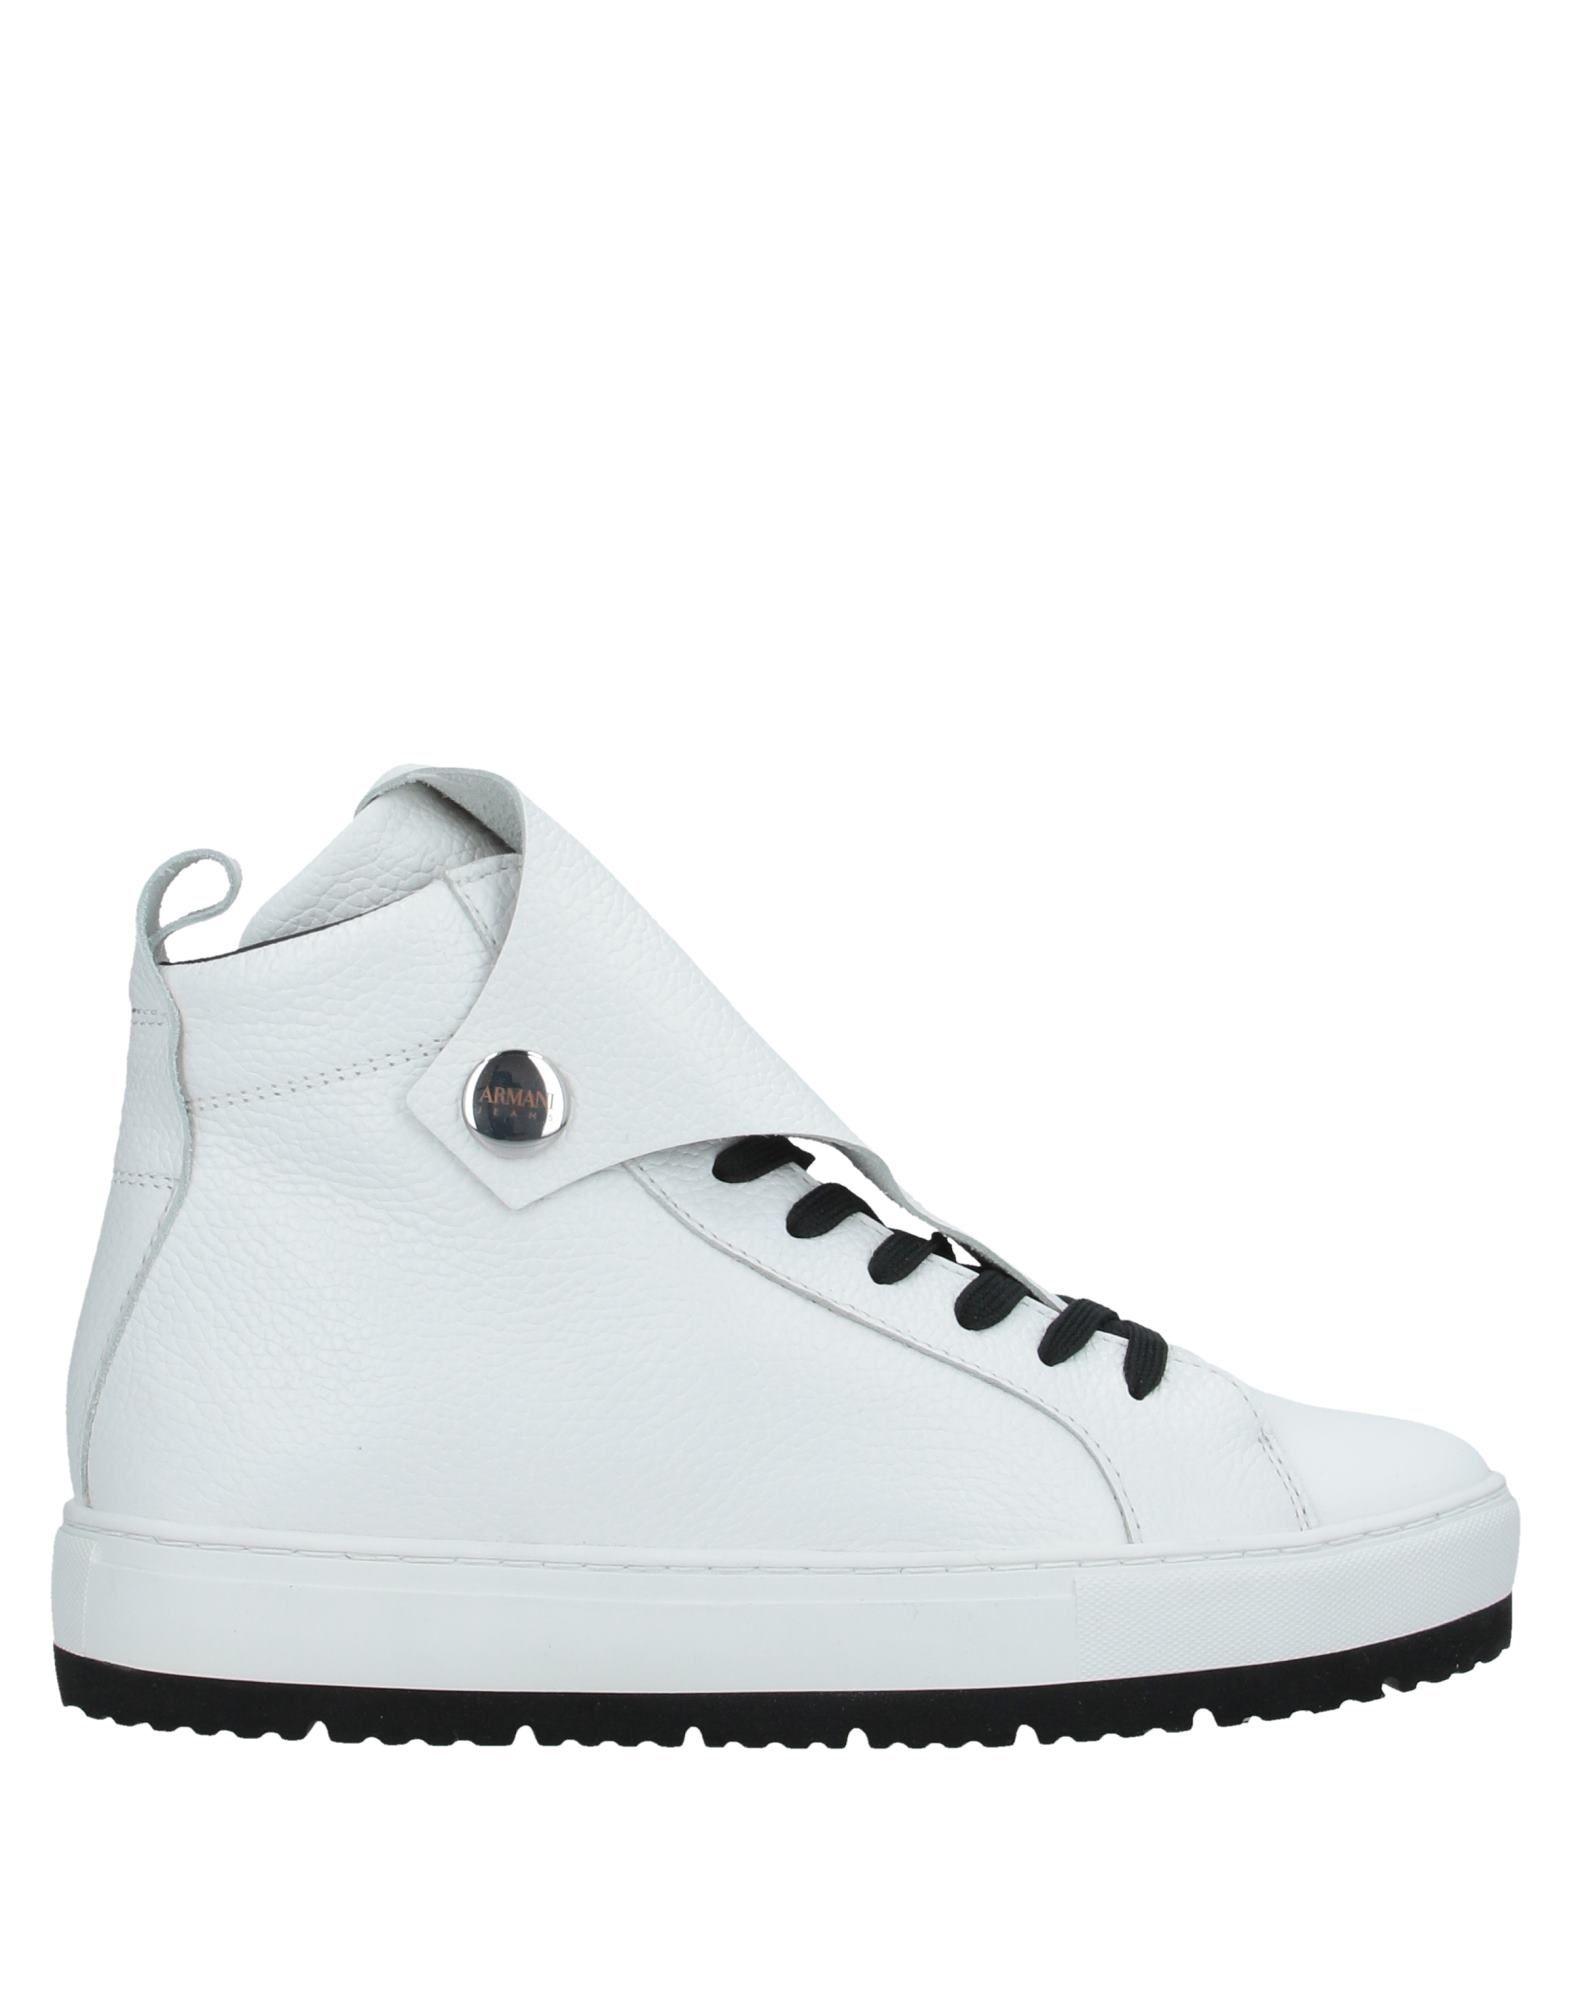 ARMANI JEANS Высокие кеды и кроссовки кроссовки armani jeans 925309 7a676 00020